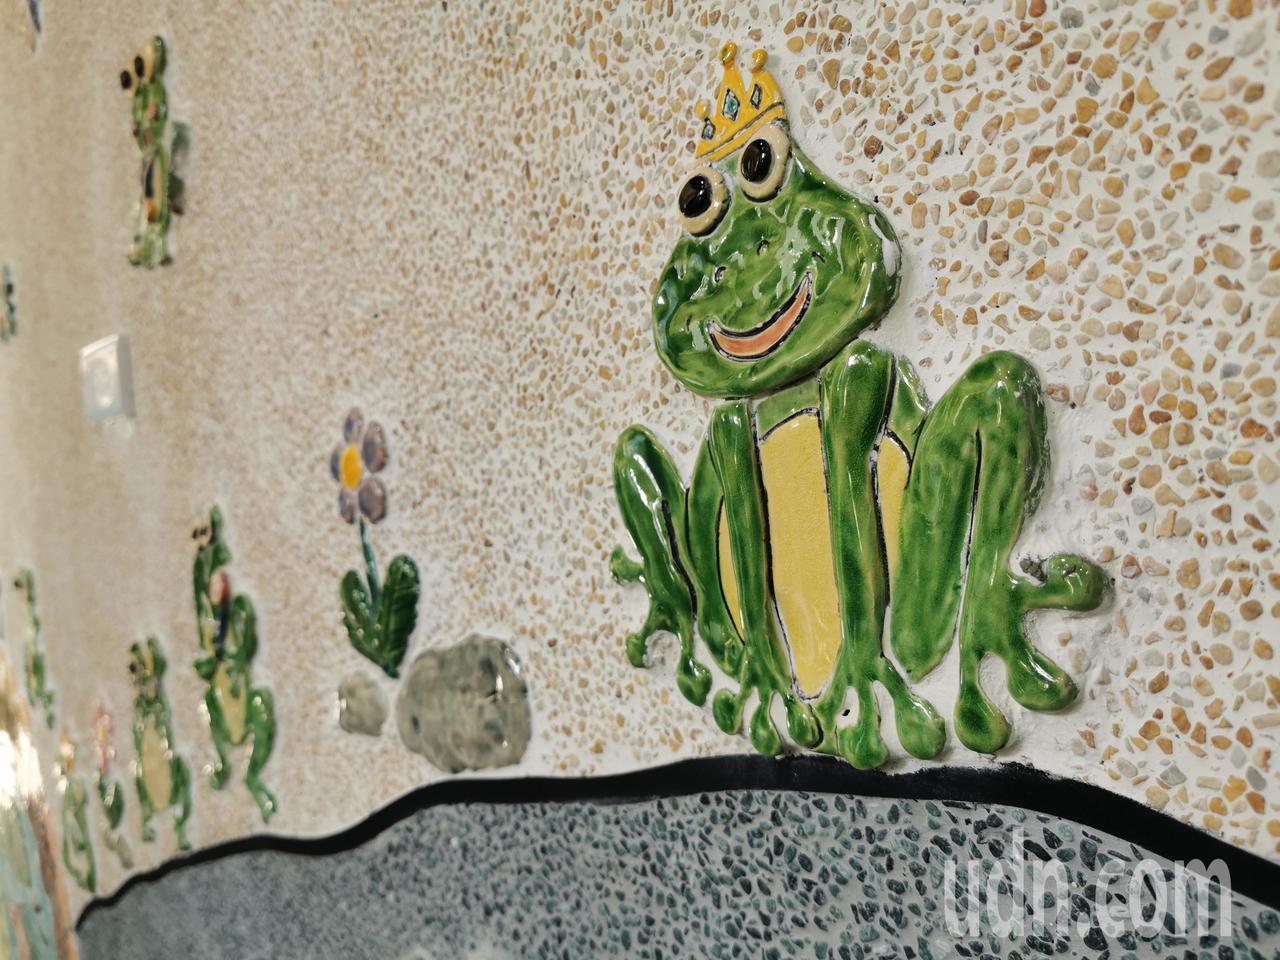 小朋友捏陶土、製作各種形式樹蛙,經過整形、陰乾、上色、燒製成交趾陶後再鑲黏在廁所...